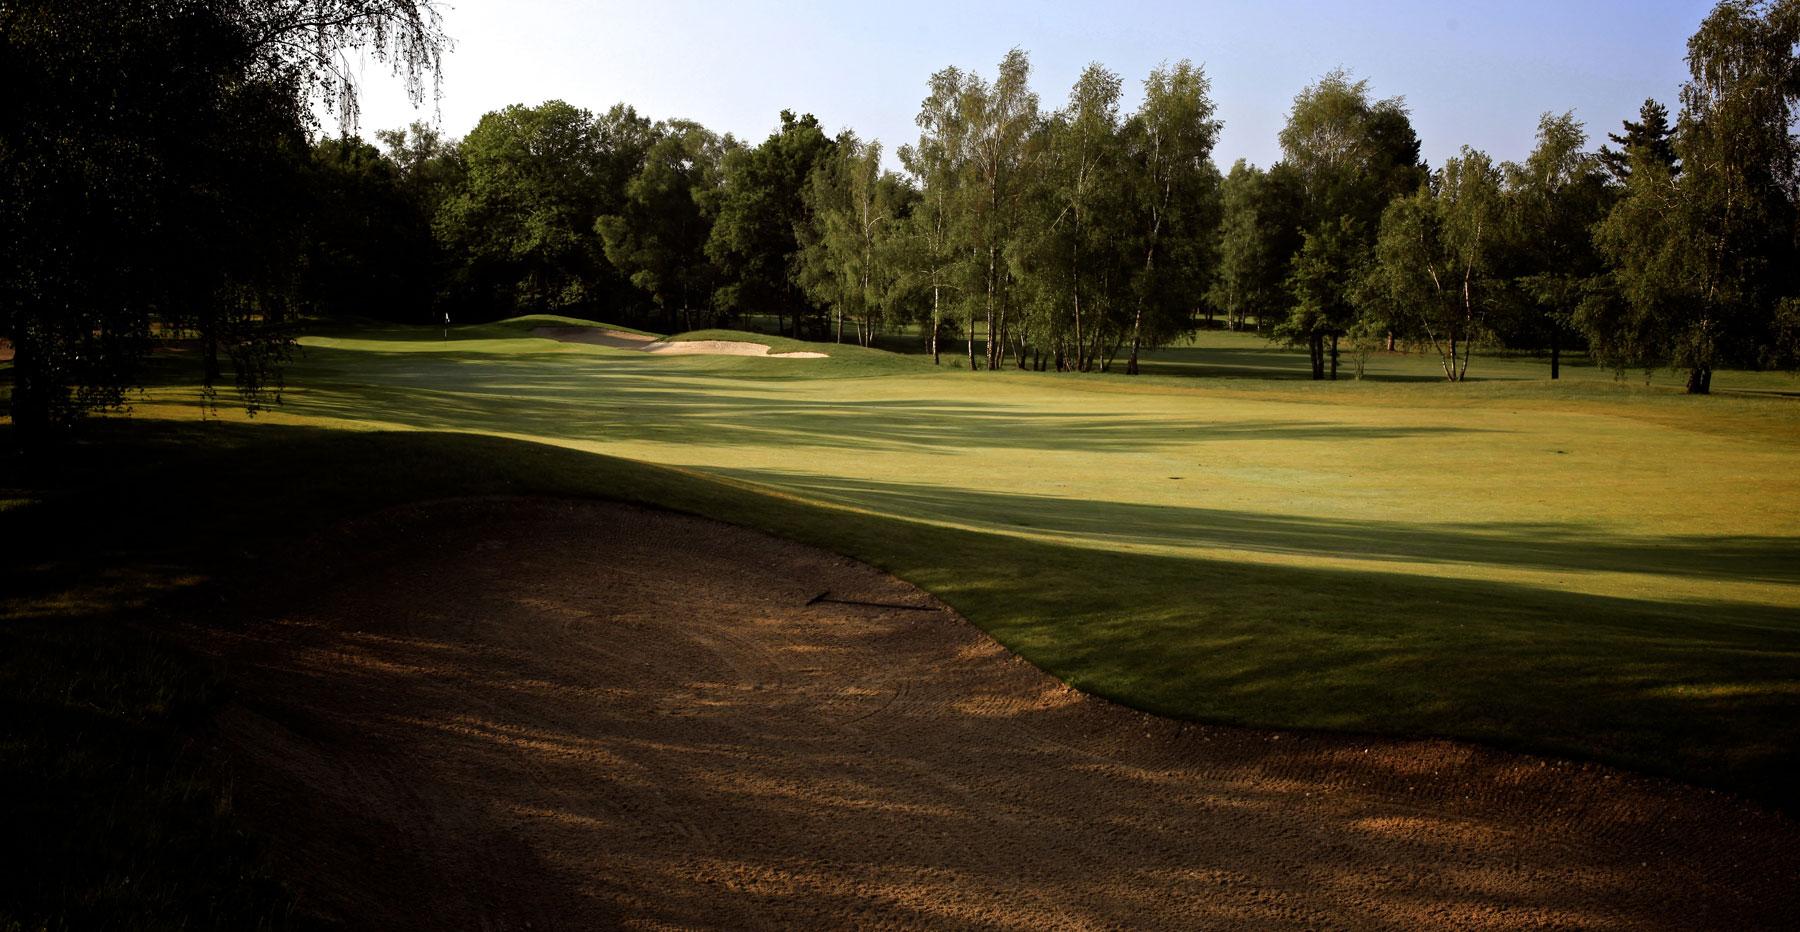 golf-de-limere-ardon-porte-de-sologne-ludovic-letot5